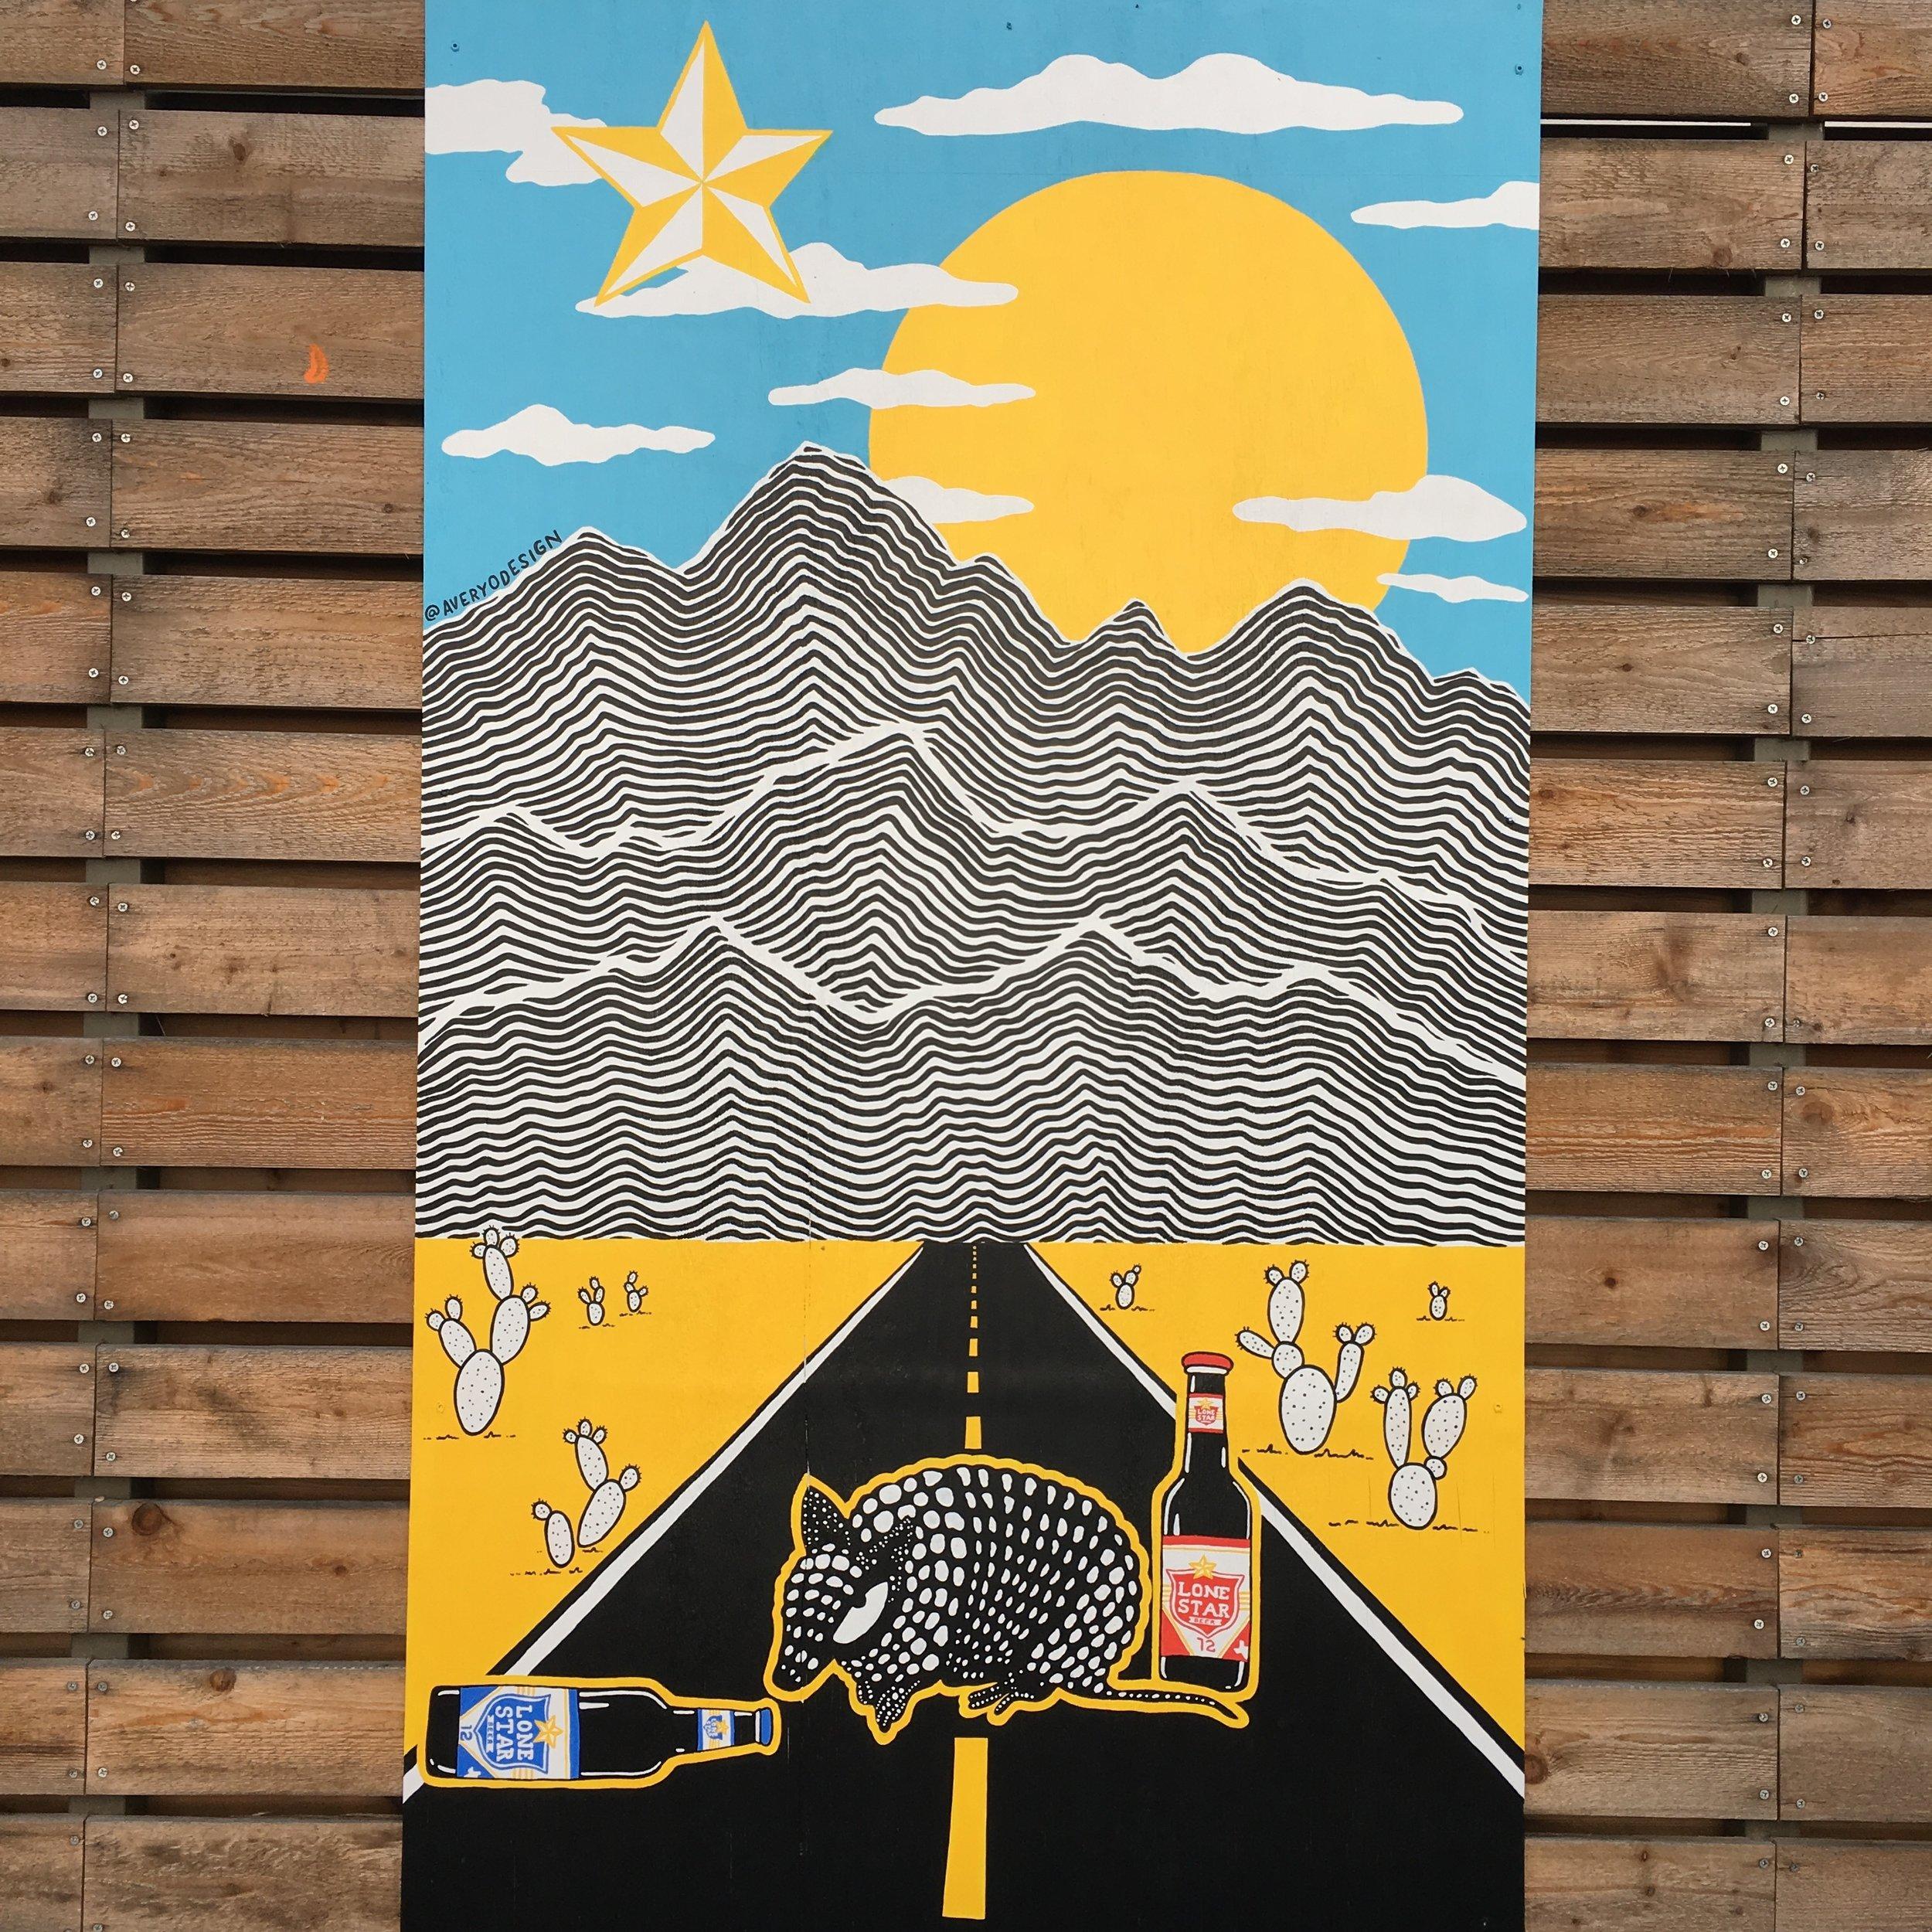 Lonestar Beer Mural at The Liberty, Austin